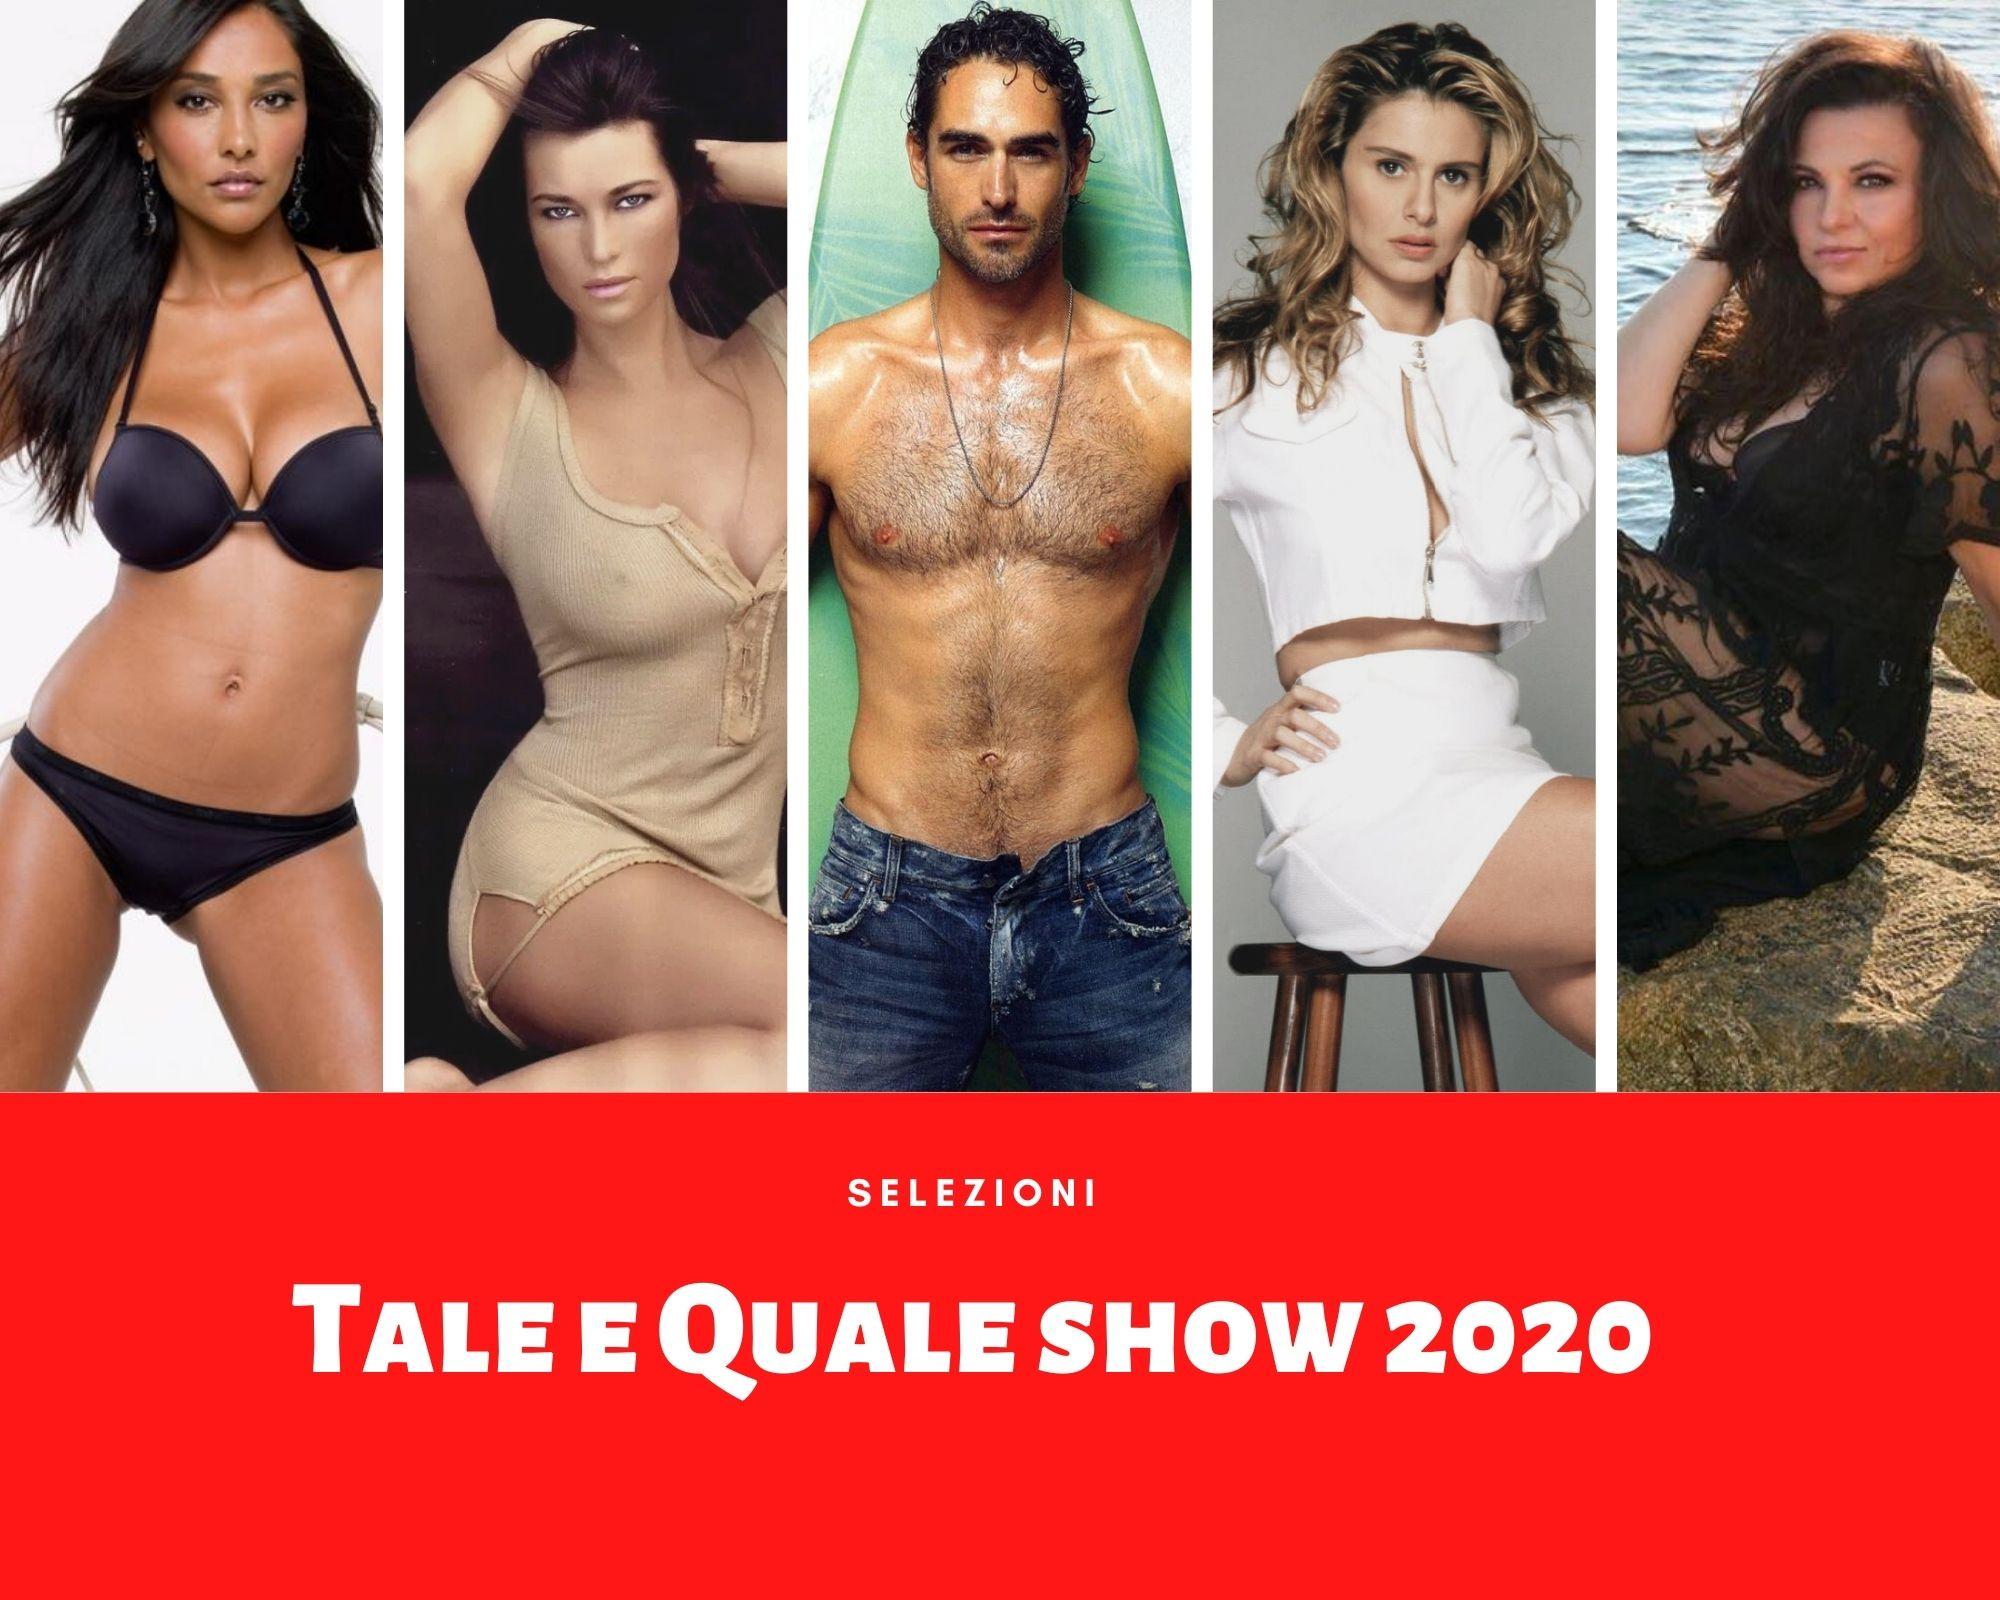 """Ritorna """"Tale e Quale Show"""" di Carlo Conti, ecco i concorrenti che potrebbero andare a comporre il nuovo cast"""